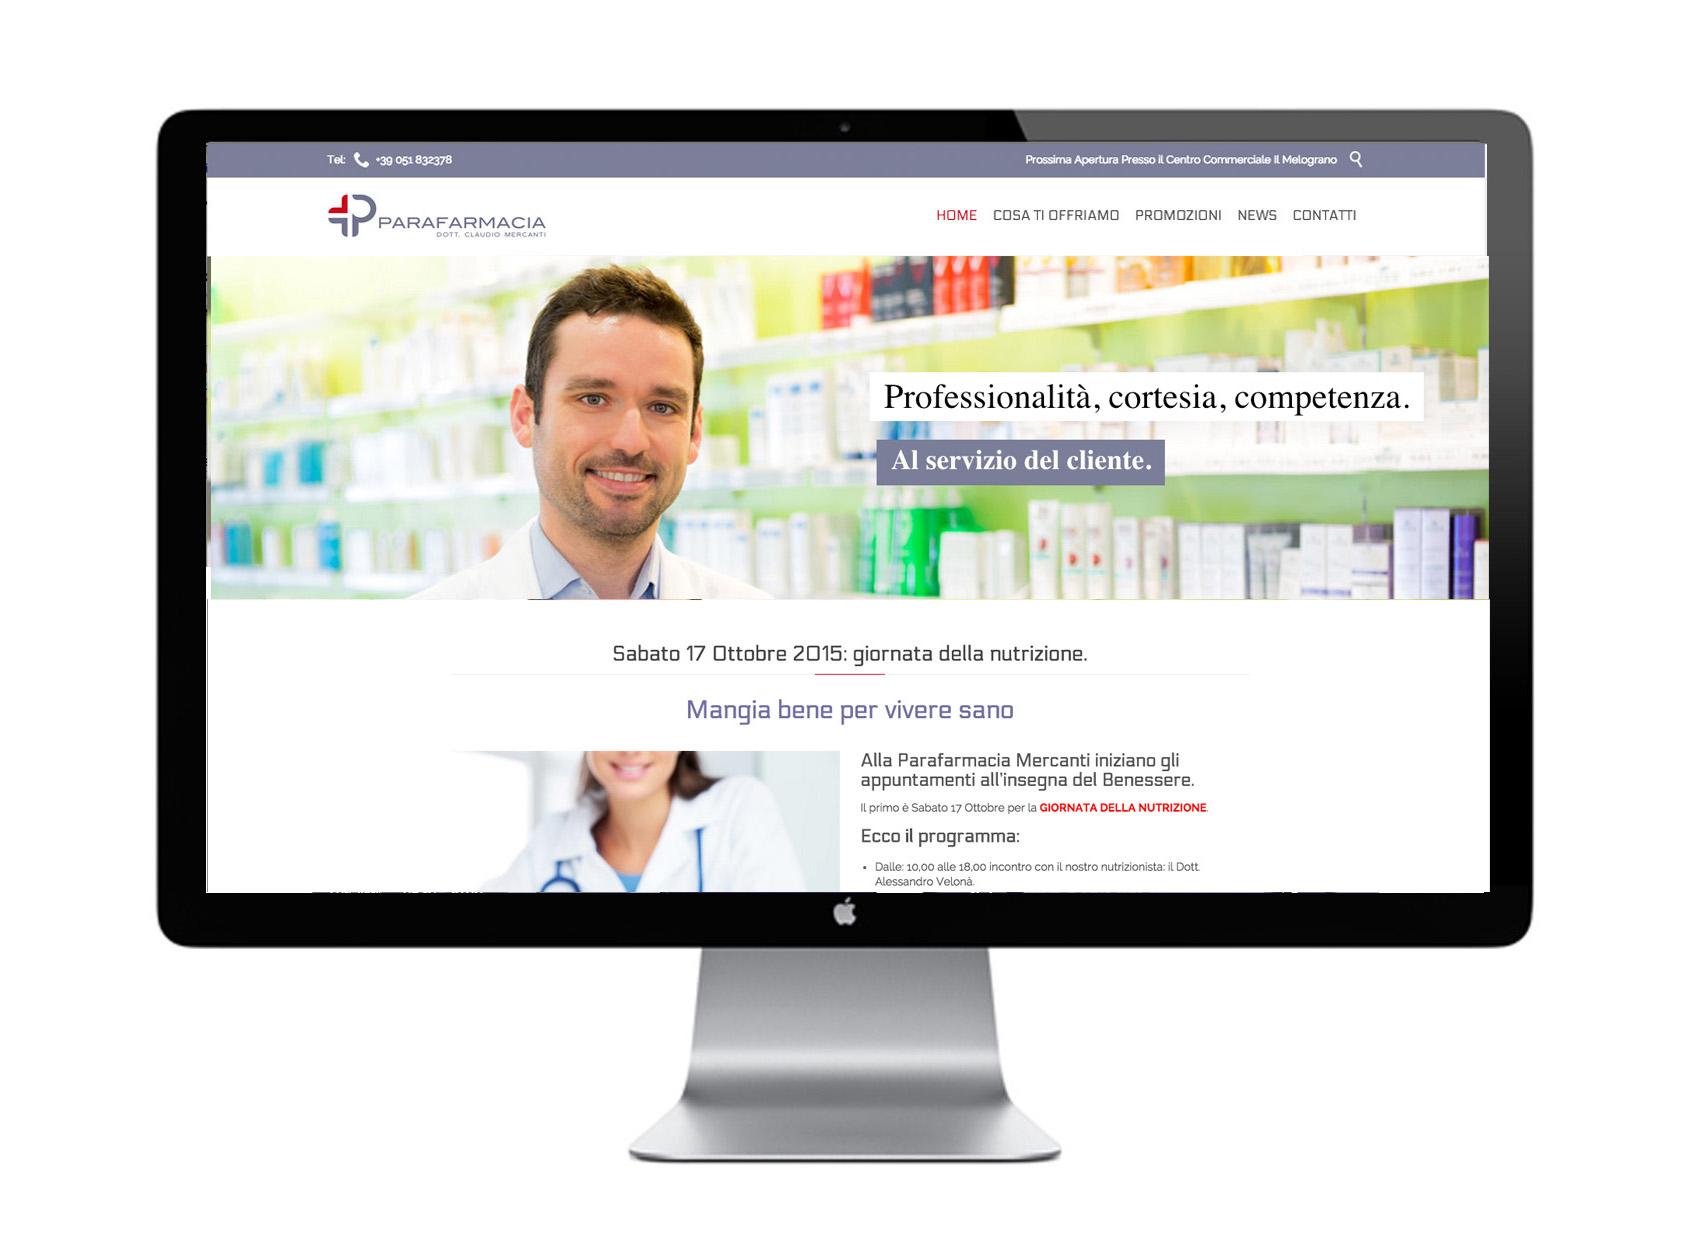 parafarmacia-mercanti-bazzano-bologna-ideavale-sito-web